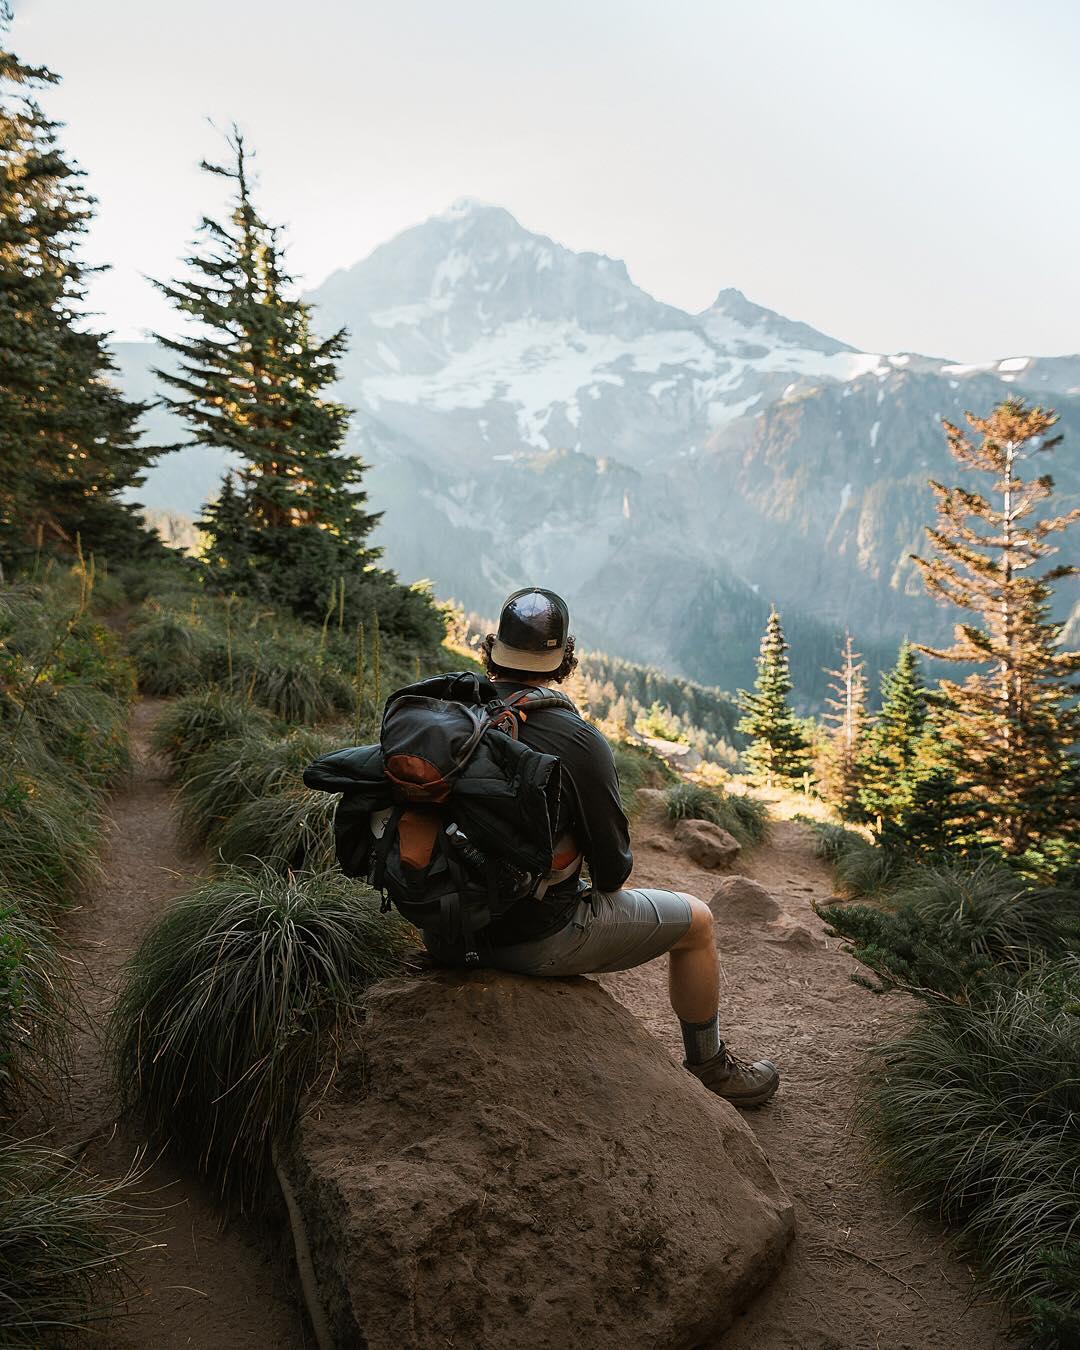 Природа и путешествия на снимках Даба Зеллера